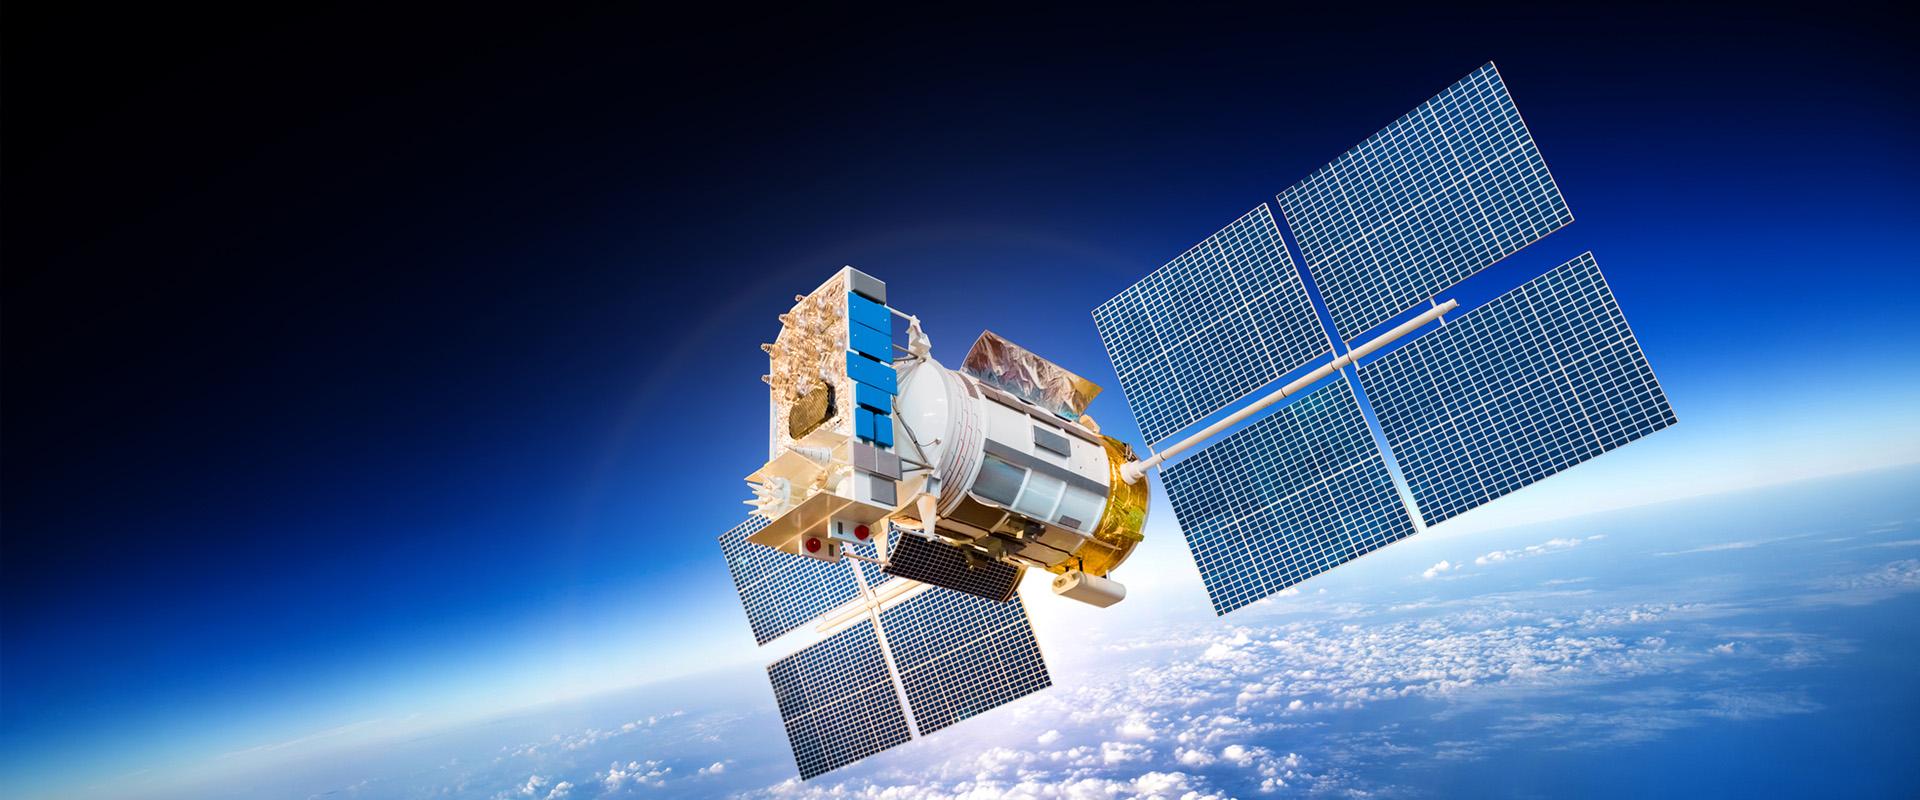 Putem sistema satelitskog nadzora vaša vozila možete pratiti u realnom vremenu